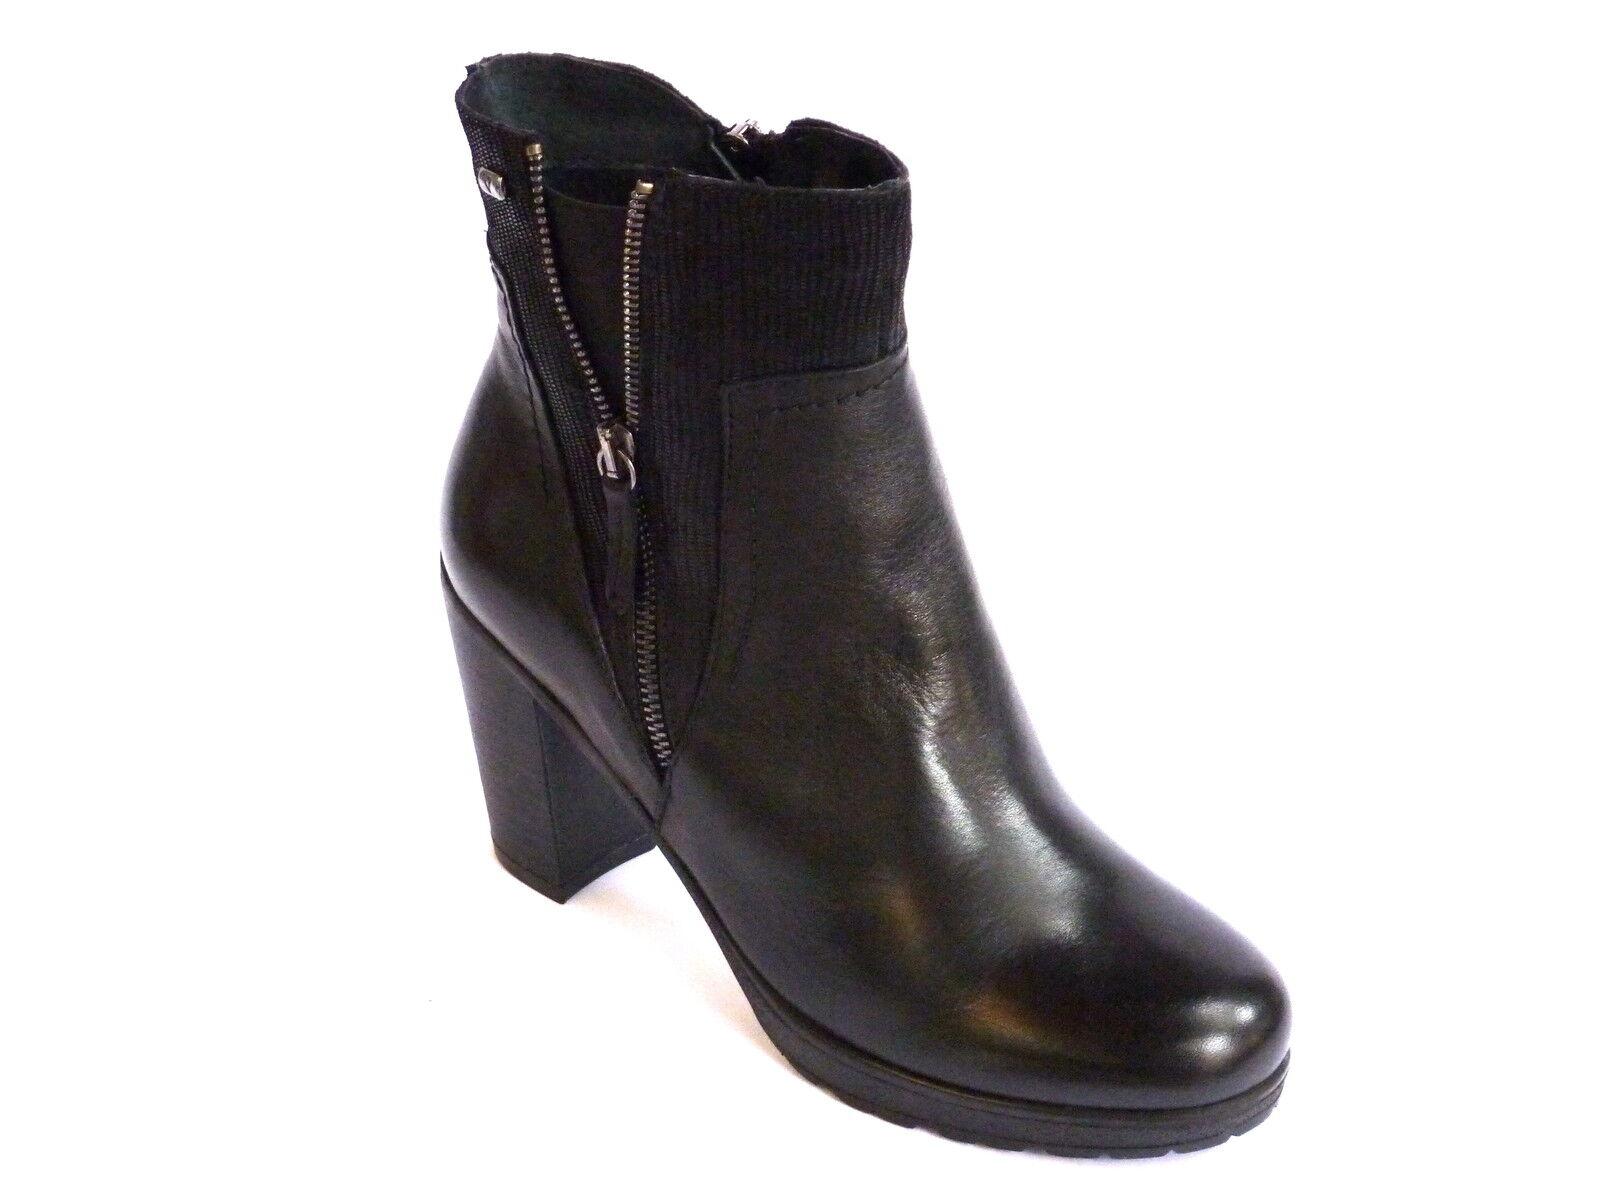 Grandes zapatos con descuento 49502 VALLEVERDE STIVALETTI DONNA TRONCHETTI PELLE NERO TACCO ALTO  n.37